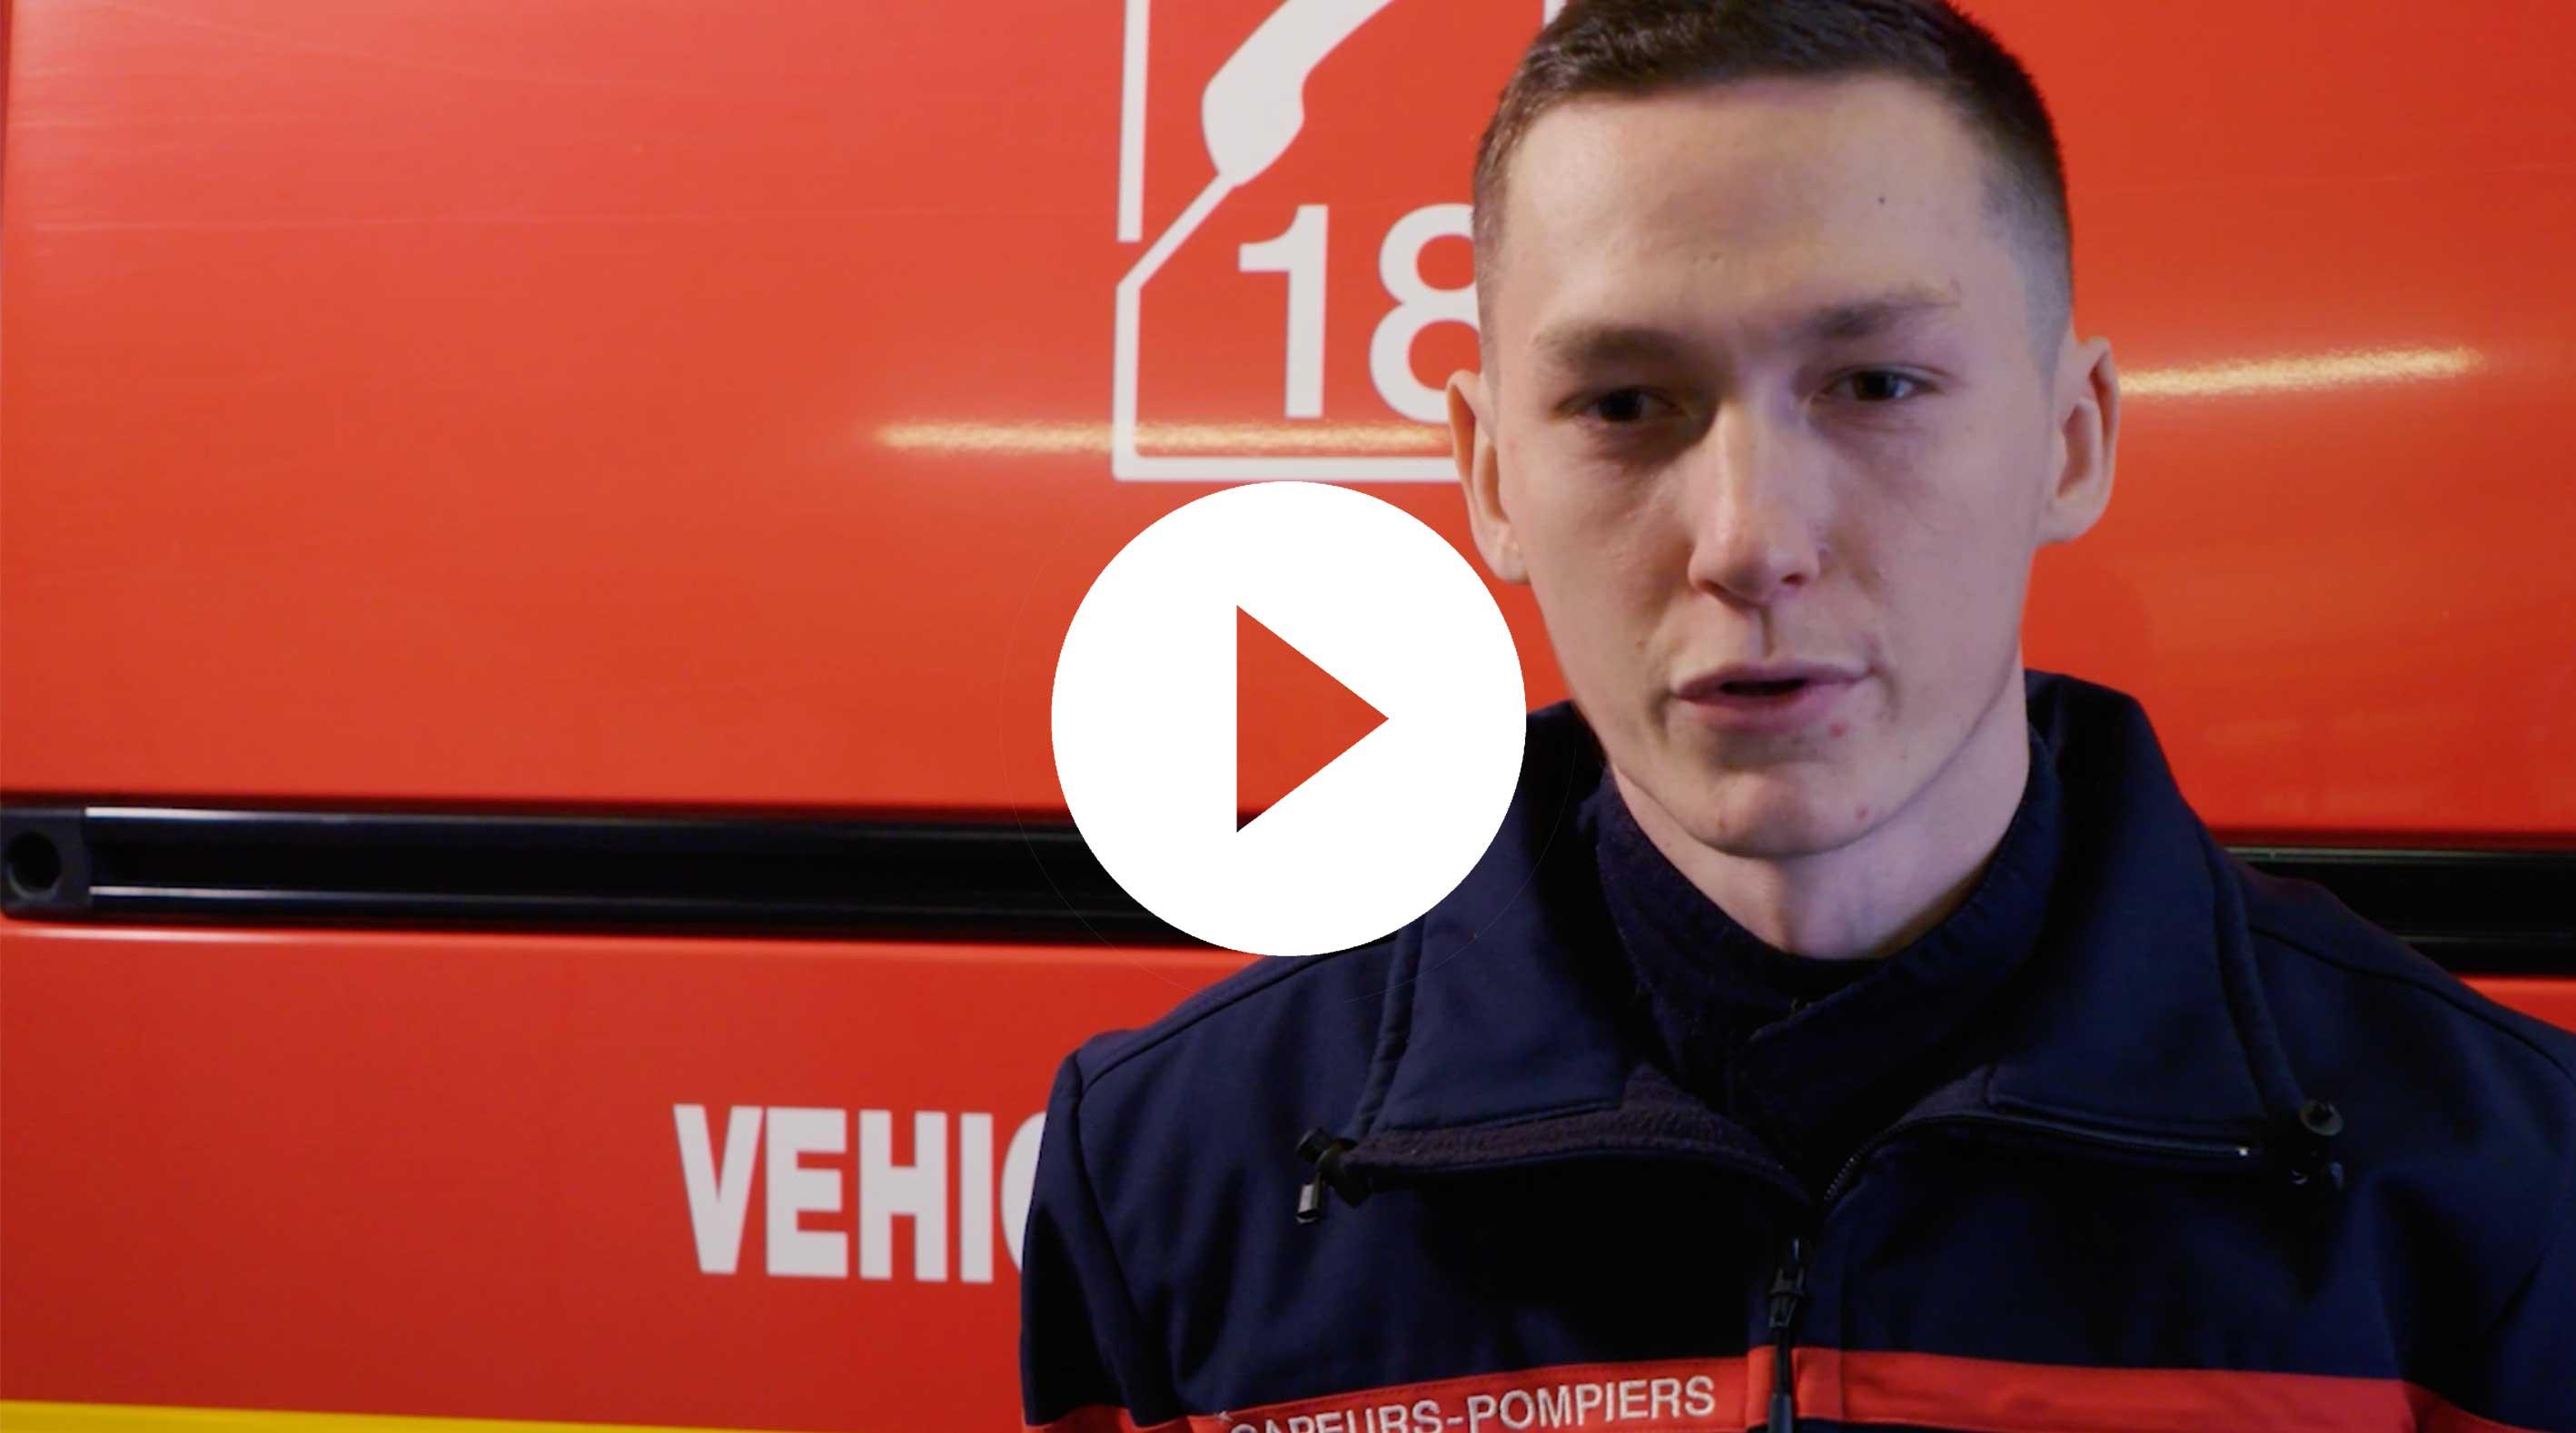 Paroles de pompiers - Guillaume